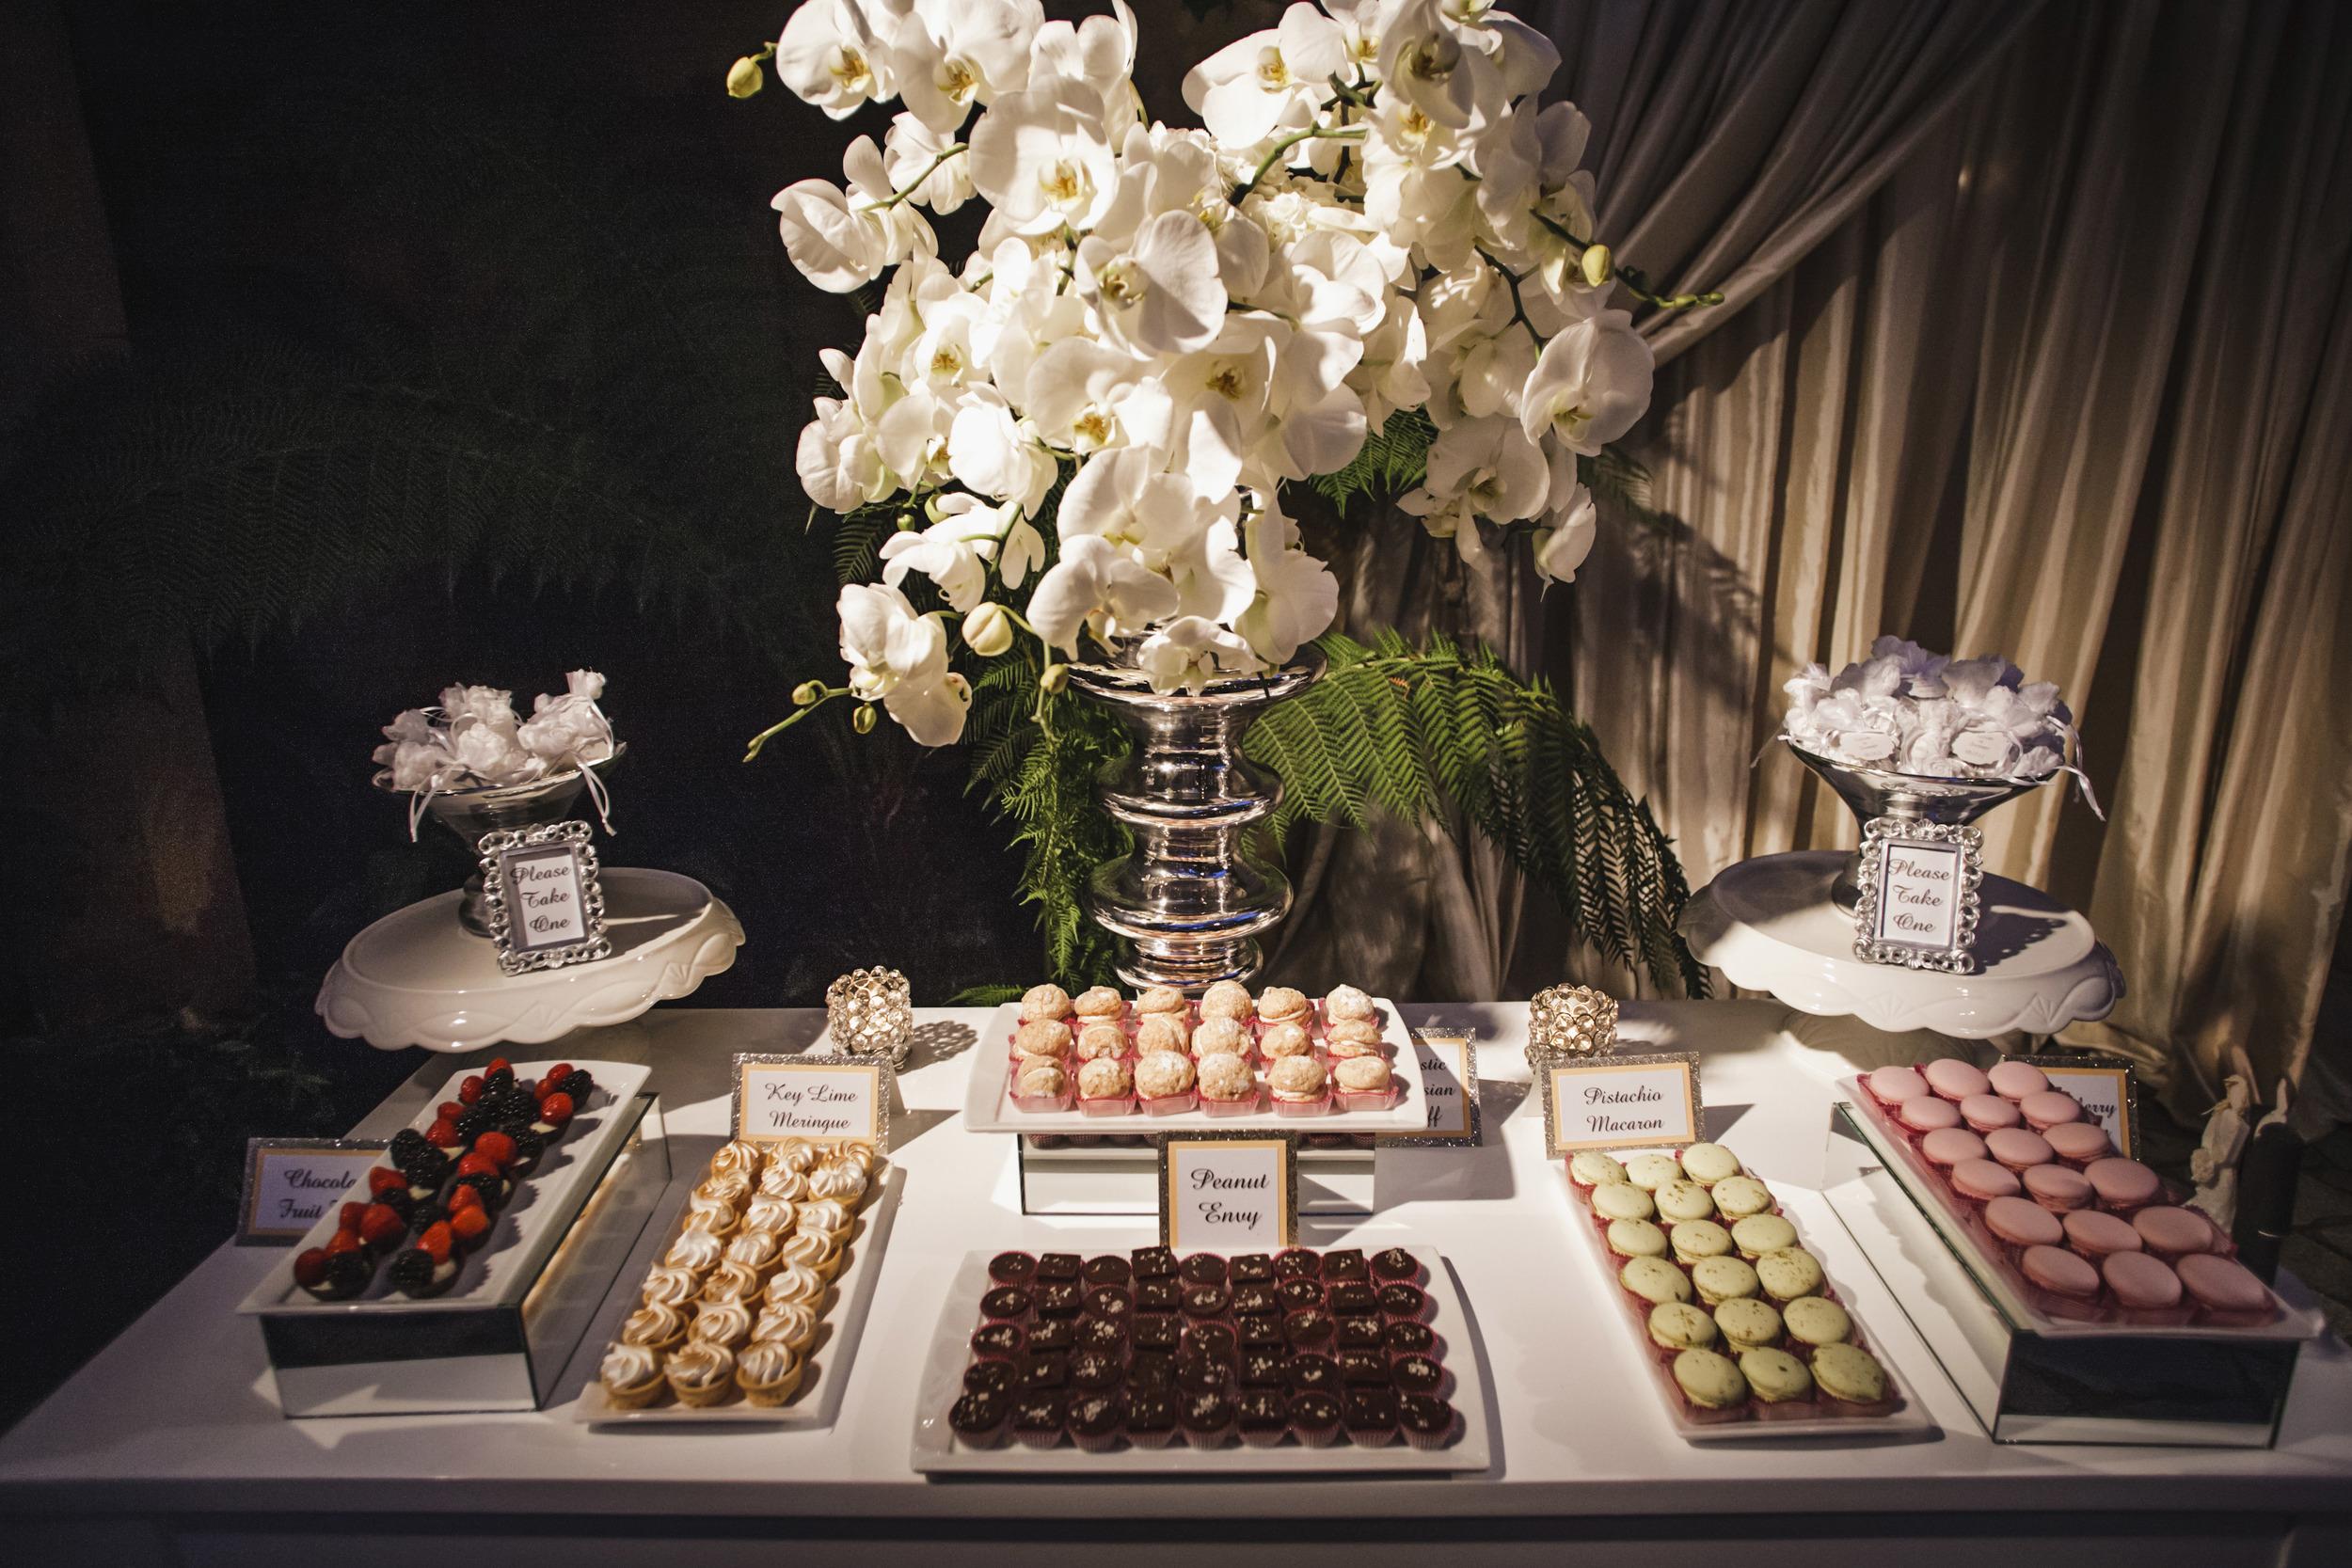 51. dessert bar display, wedding dessert buffet, modern romantic wedding, summer wedding, gorgeous dessert display, sparkle wedding, modern wedding .jpg